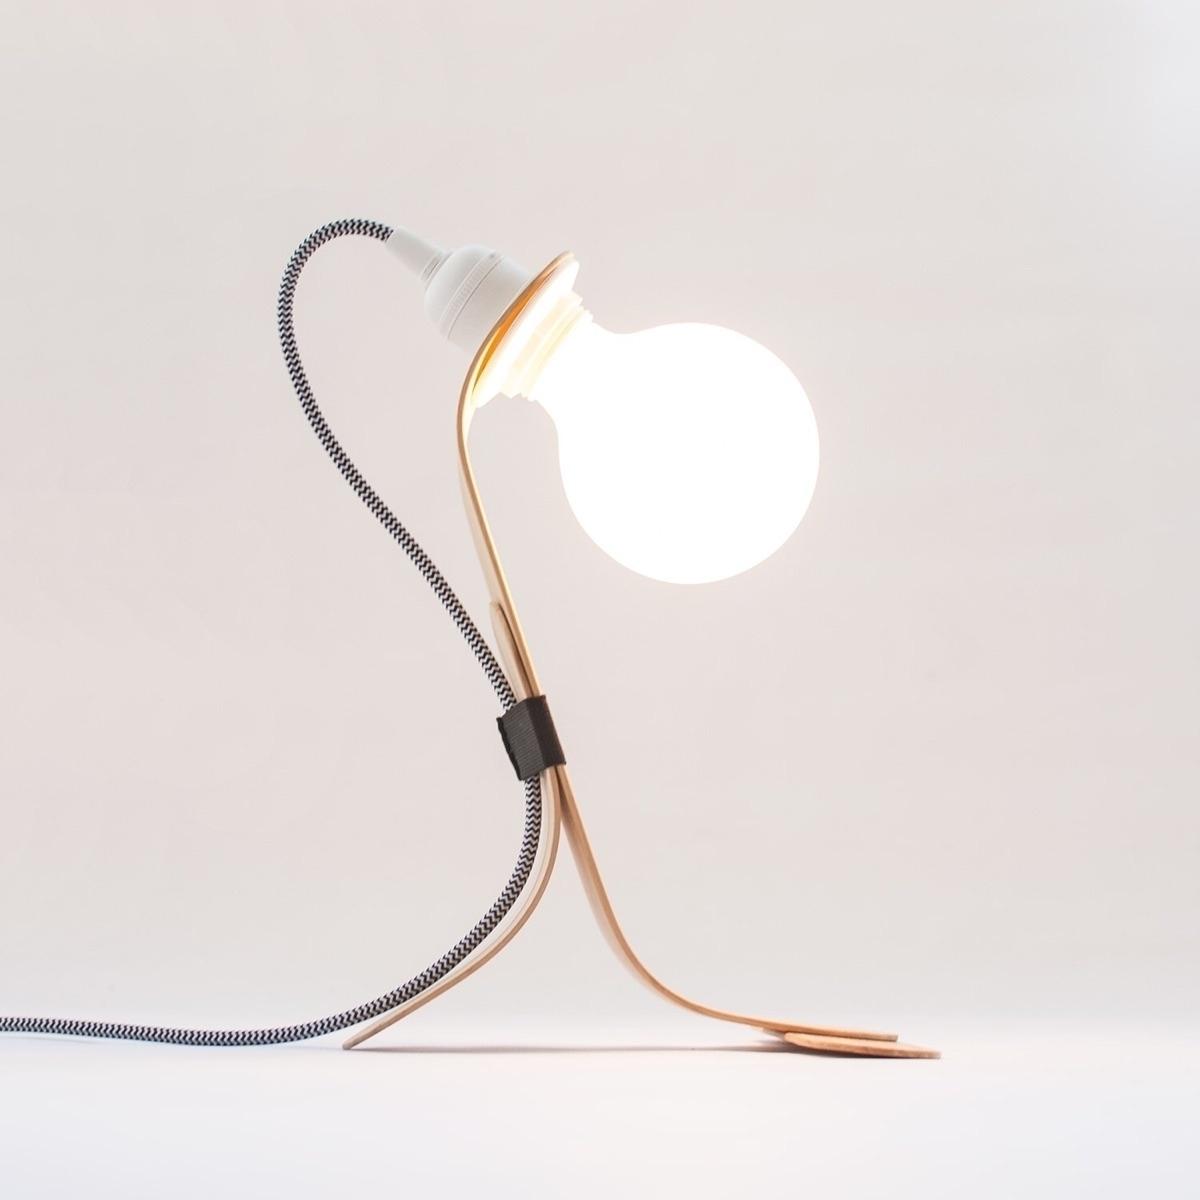 Handmade - modern table lamp st - oitenta | ello